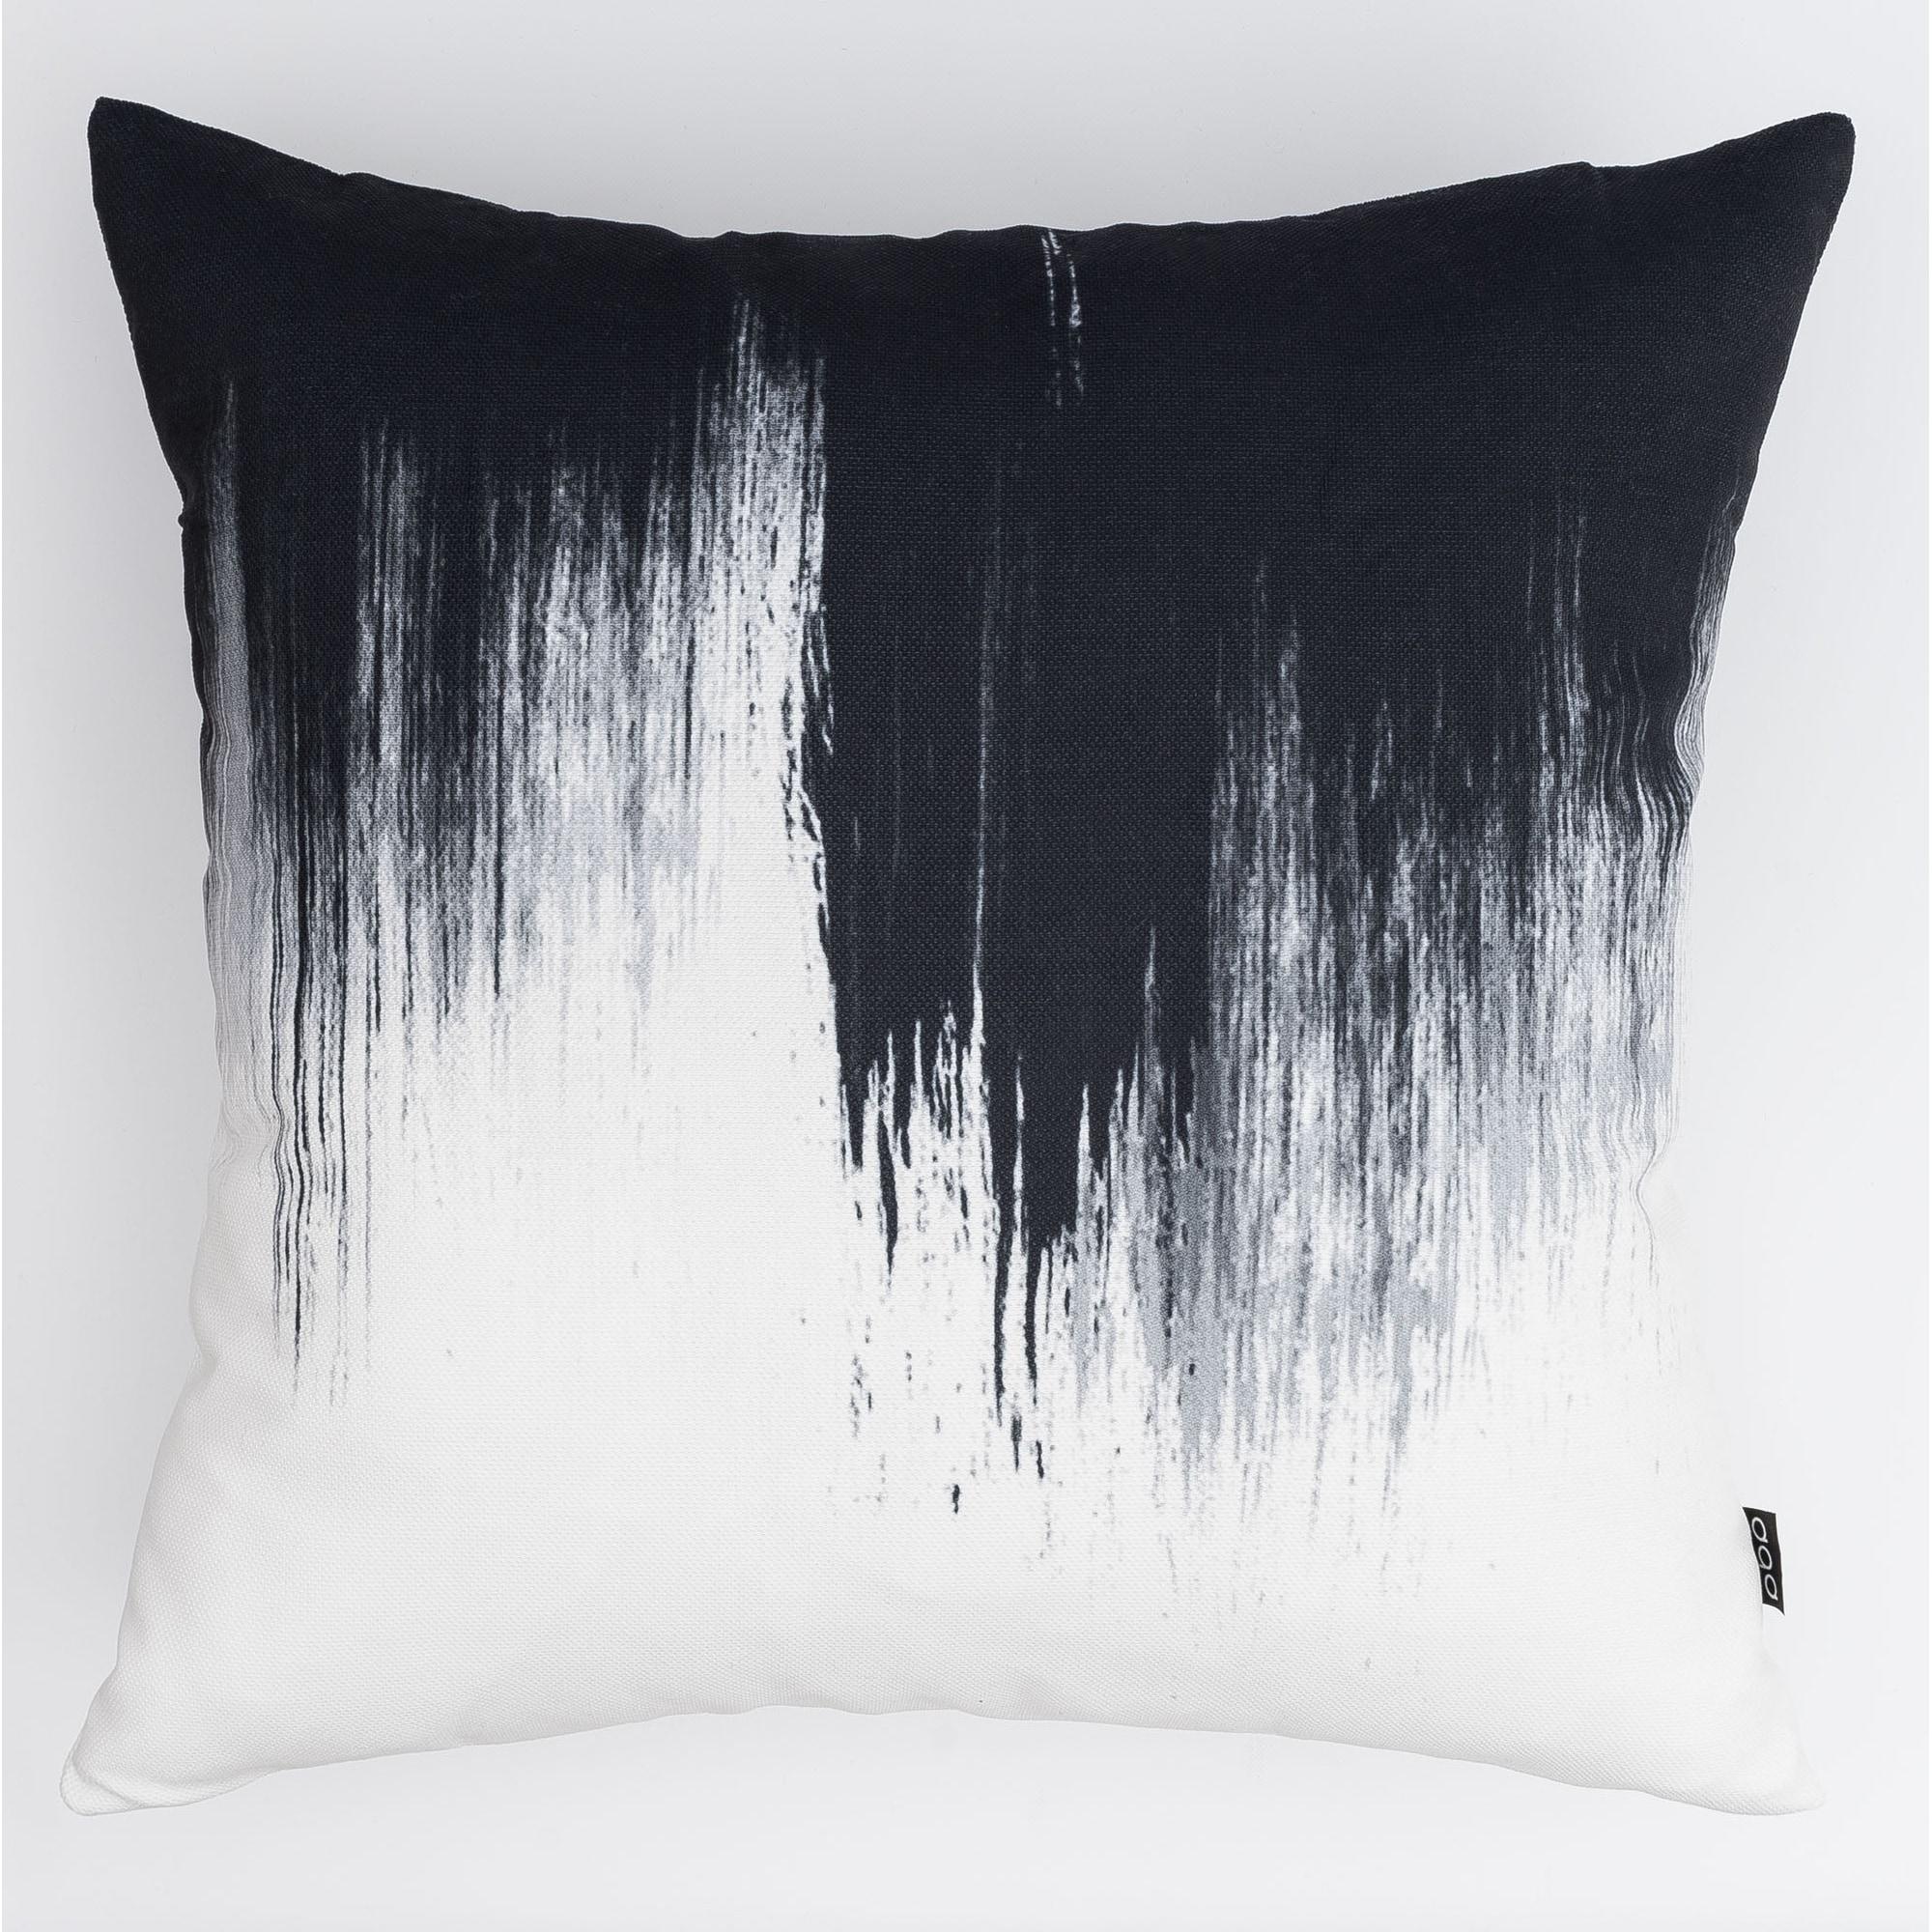 Inkblot Modern Pillow (Accent - 16 x 16 - Polyester)